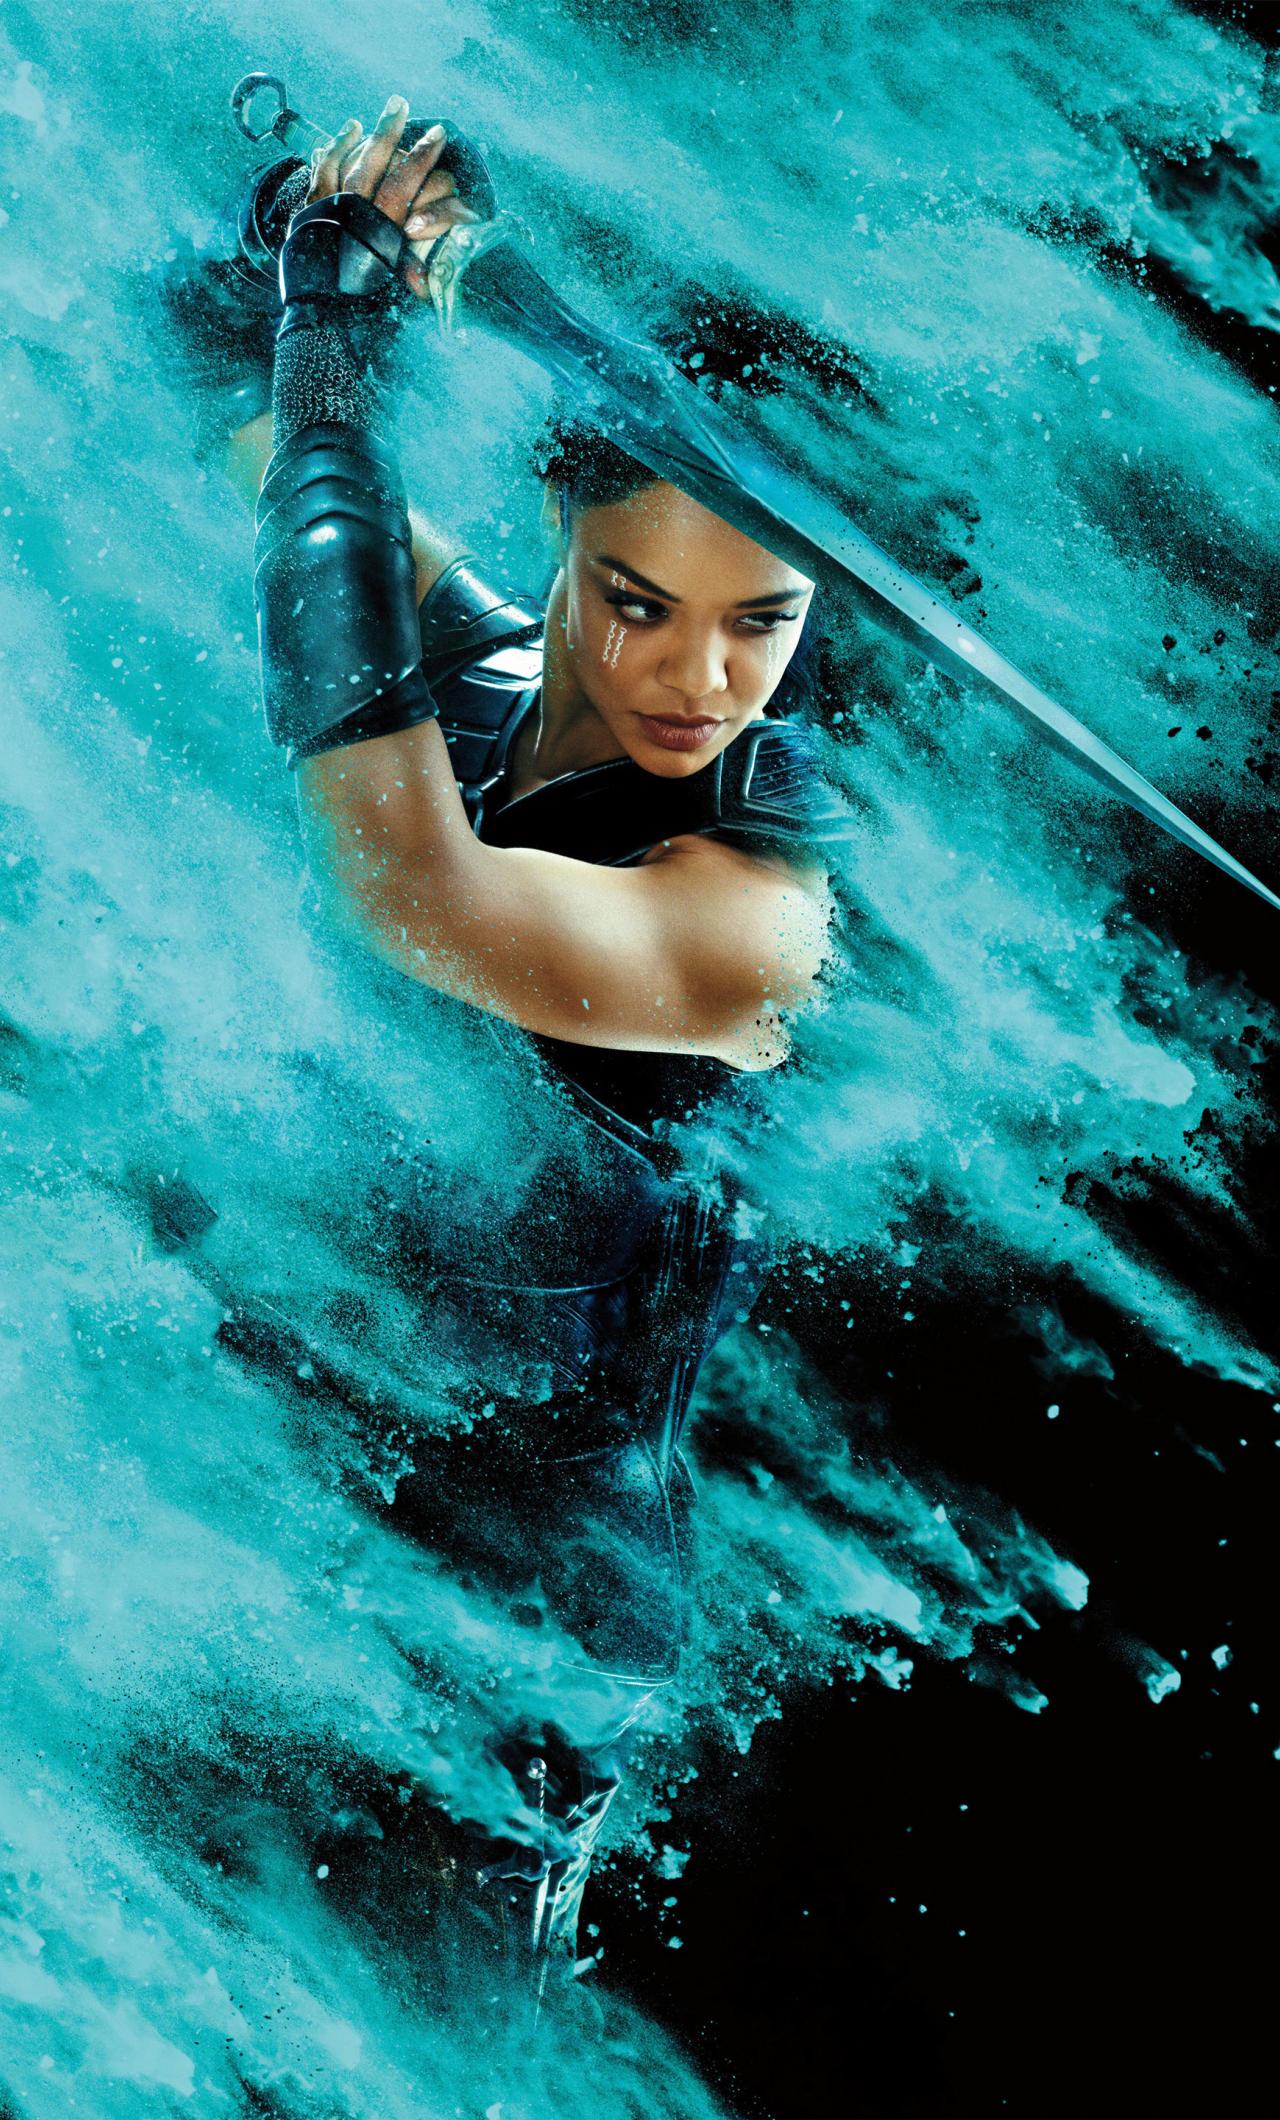 Valkyrie In Thor Ragnarok HD 4K Wallpaper